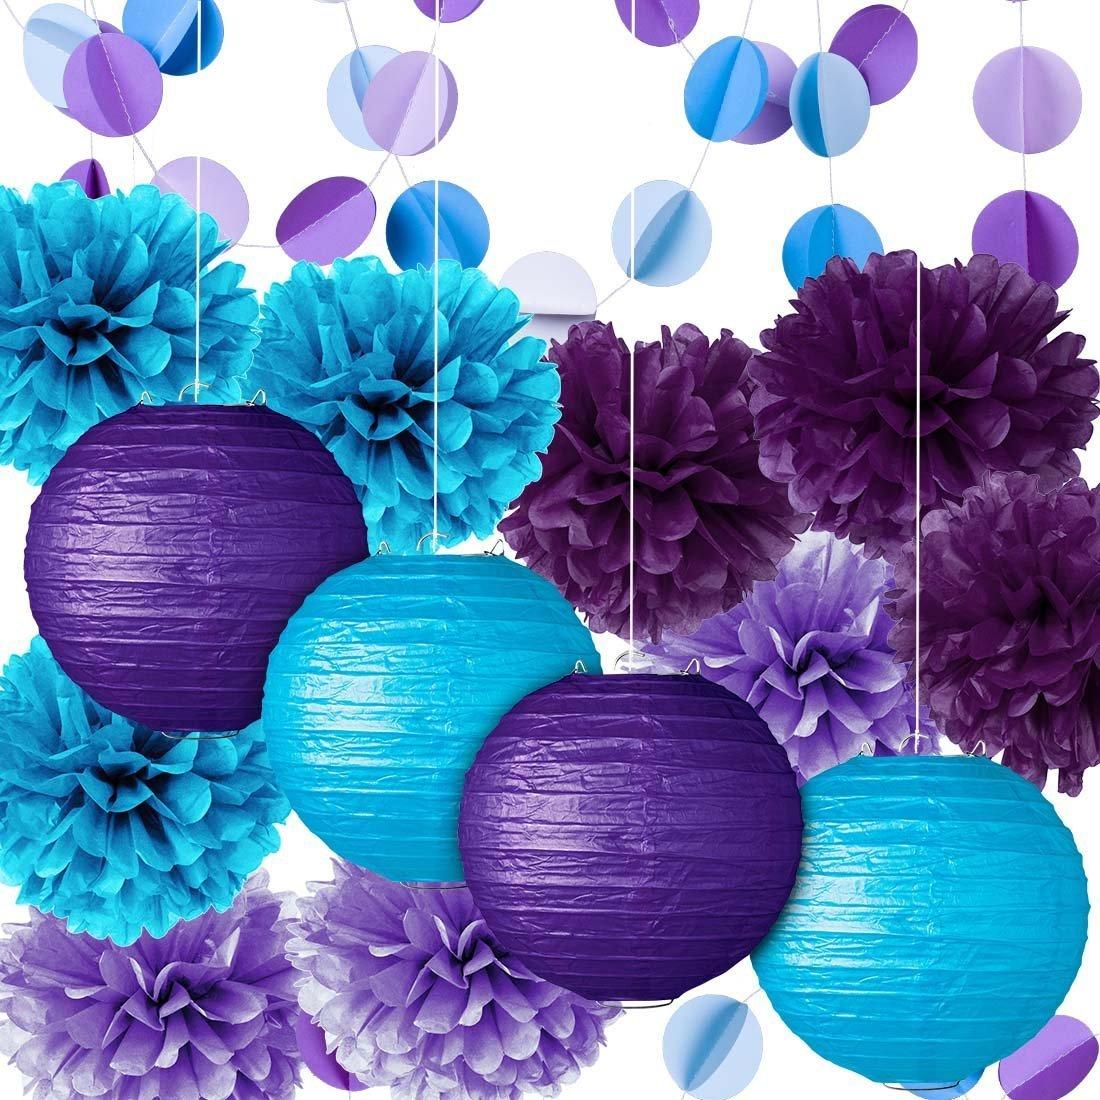 Morado Color Azul Tejido pomp/ón de papel de seda documentos de flores Kit de decoraci/ón para fiestas guirnalda de farolillos c/írculo cumplea/ños boda bautizo Frozen fiesta tem/ática